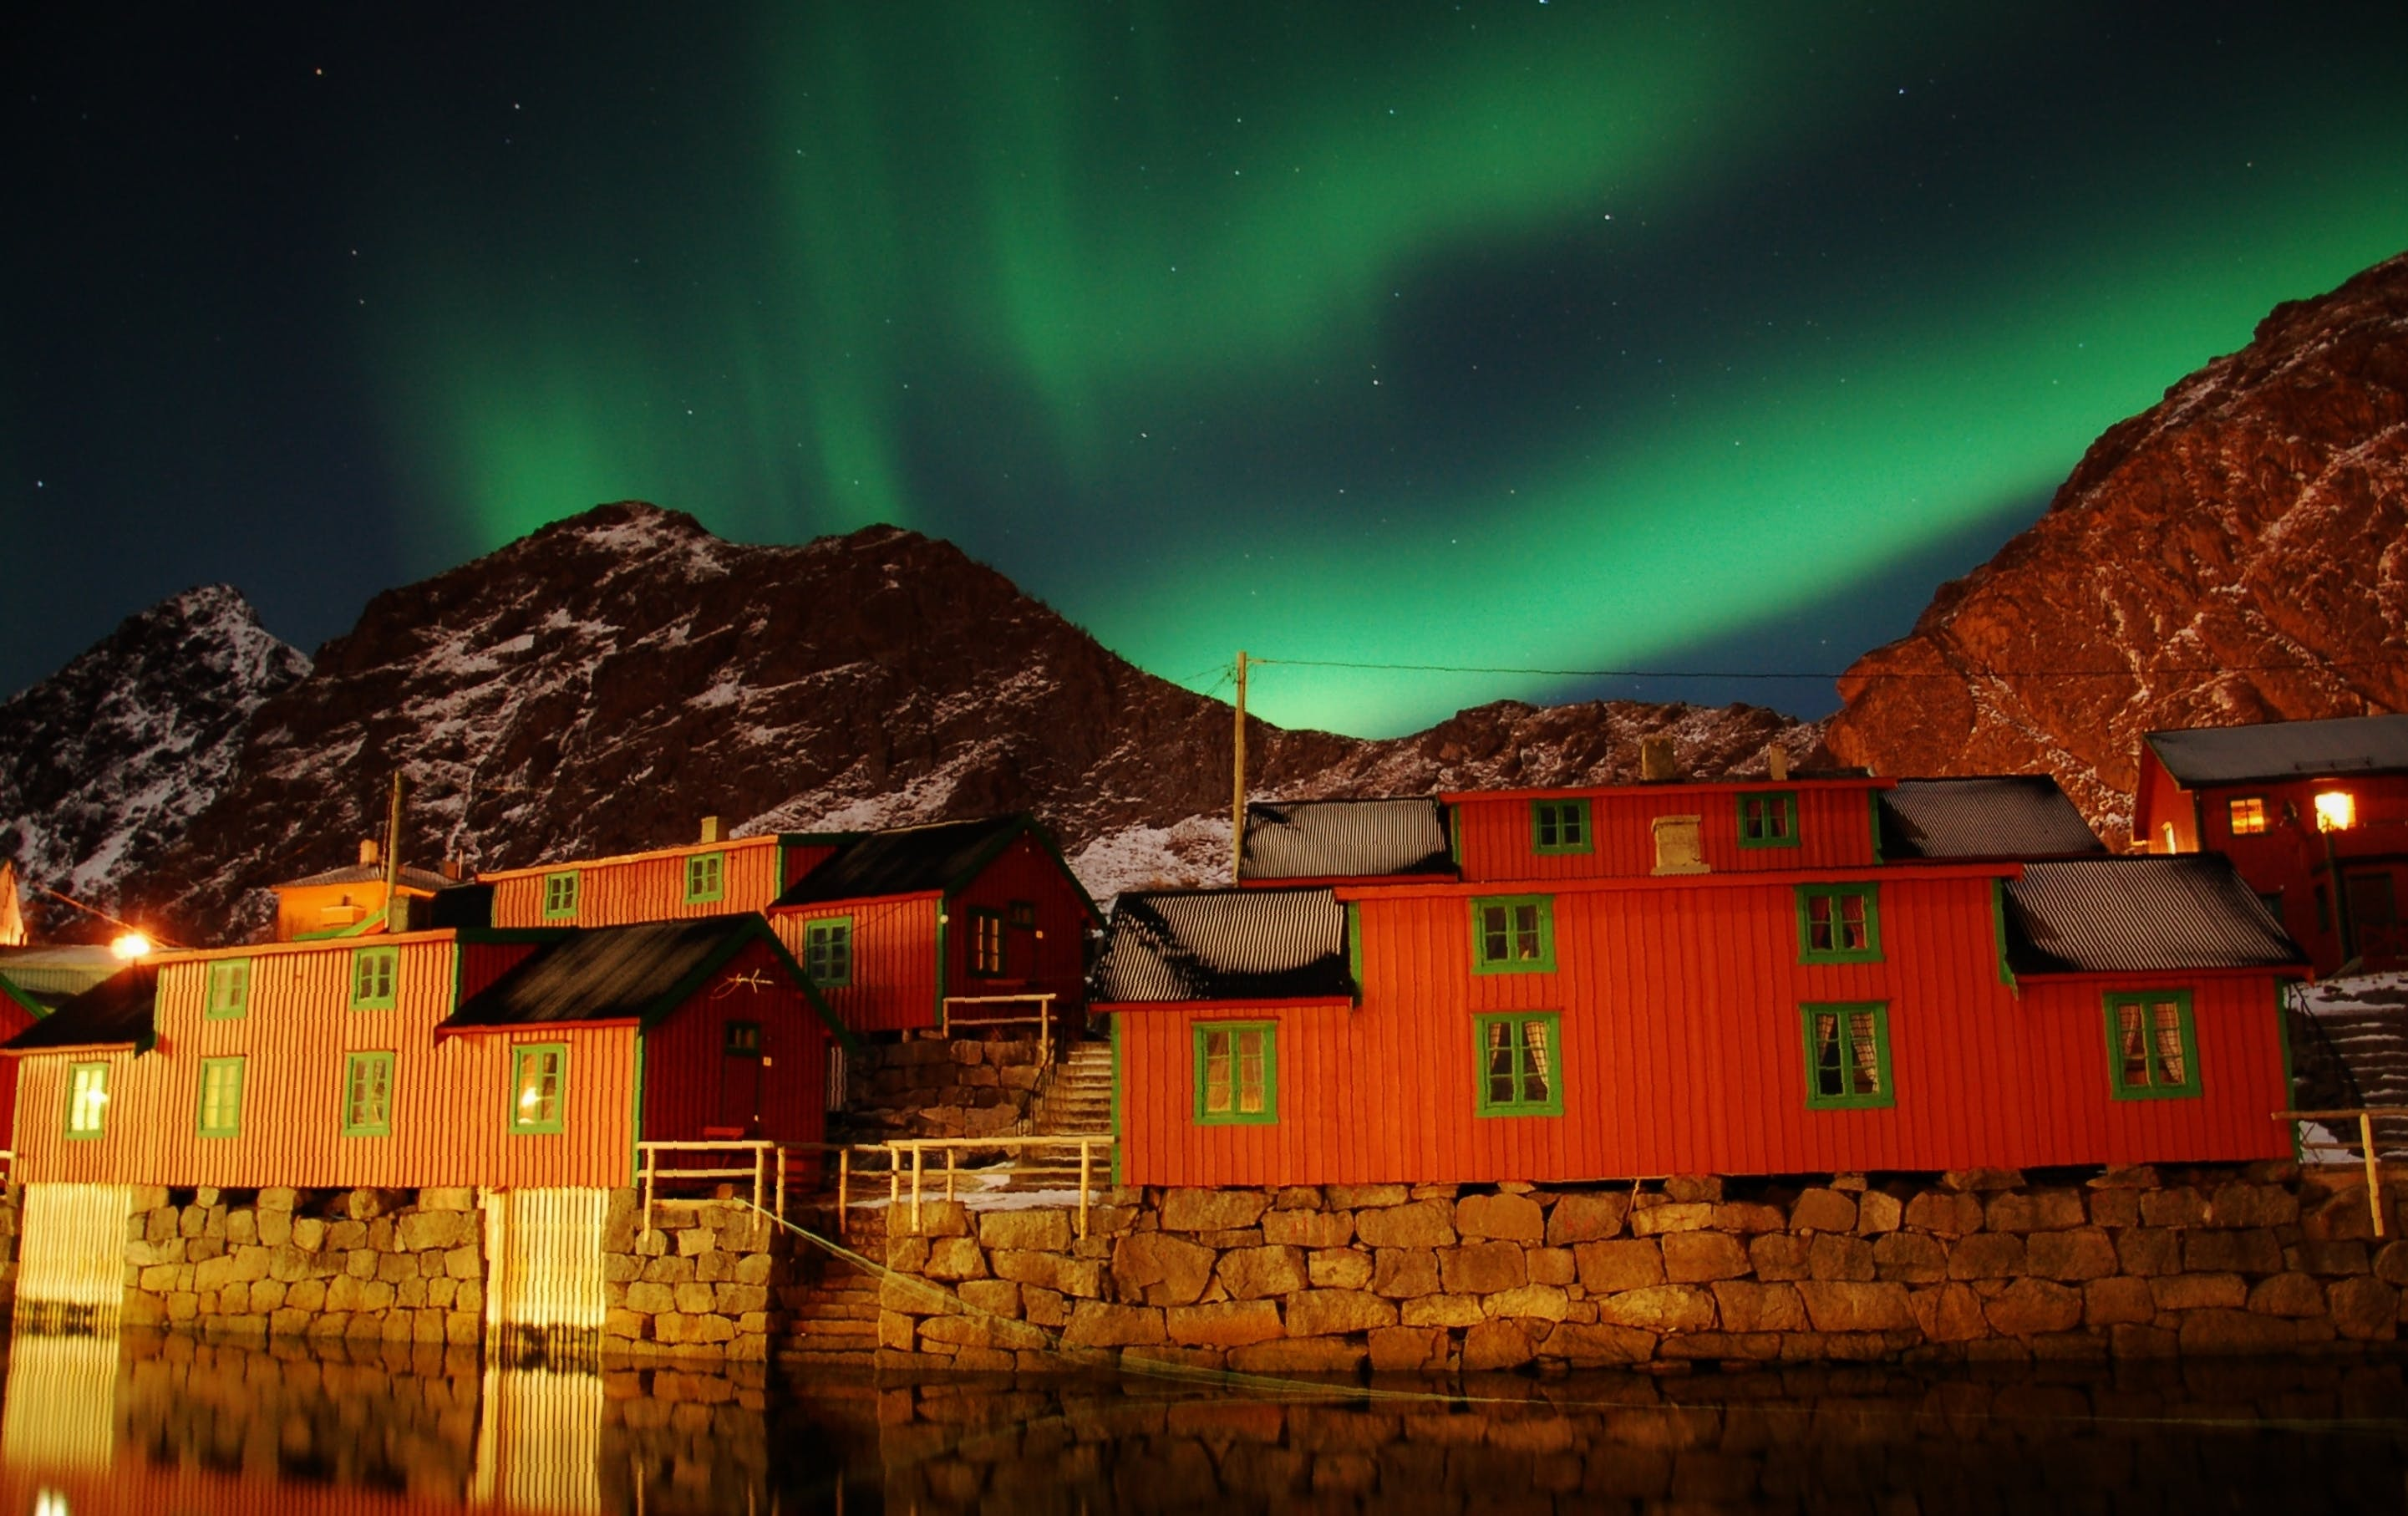 Aurora Borealis dancing over rorbuer in Stamsund, Lofoten Islands - by Carina Hansen.